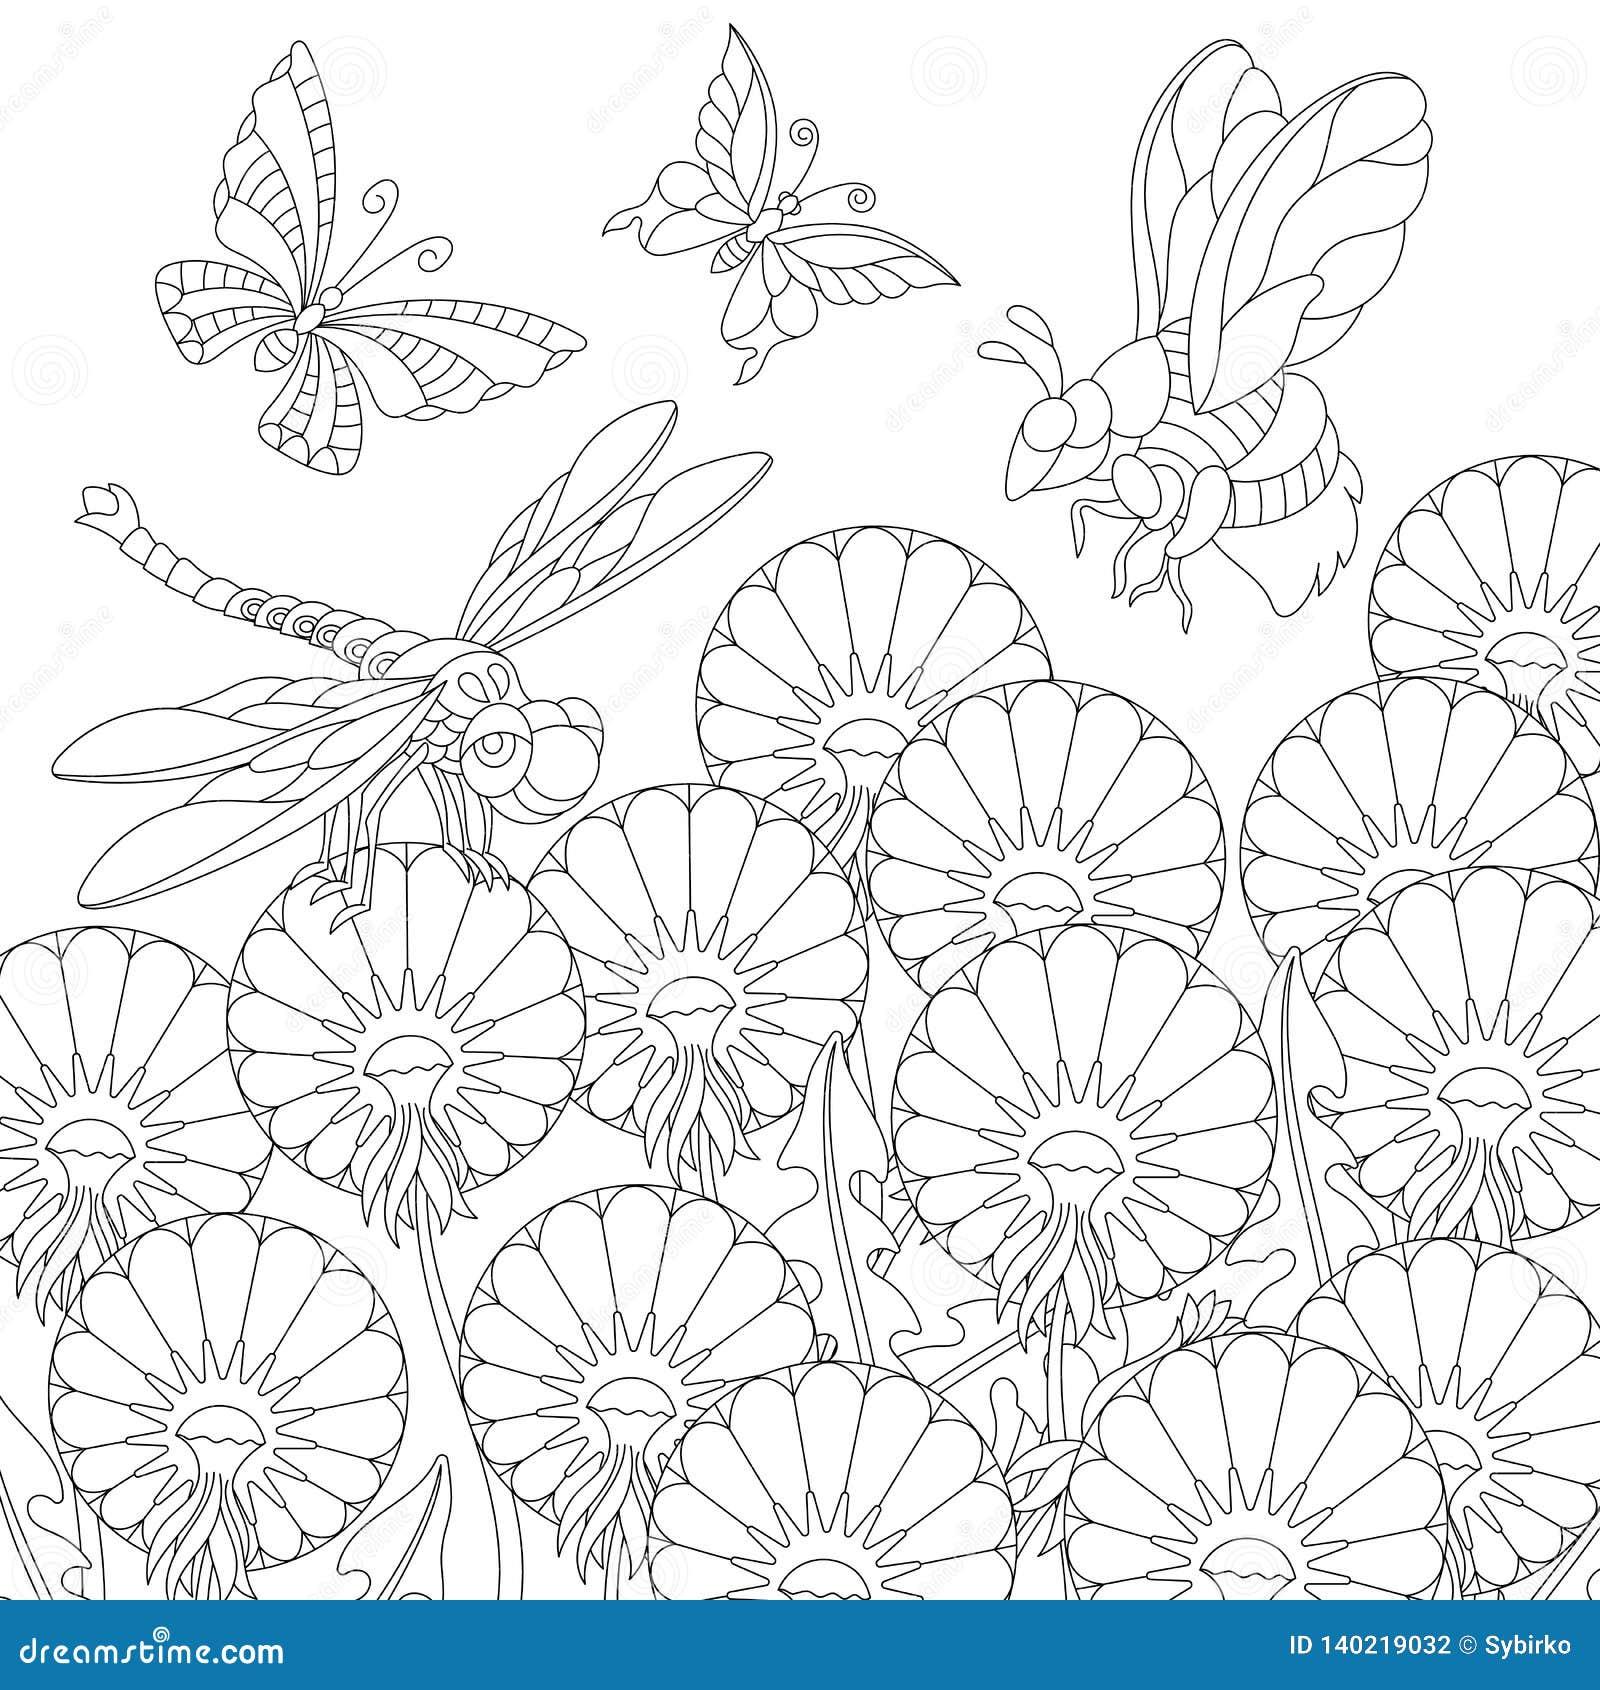 Coloriage Fleur Insecte.Insectes De Zentangle Et Fleurs De Pissenlit Colorant La Page